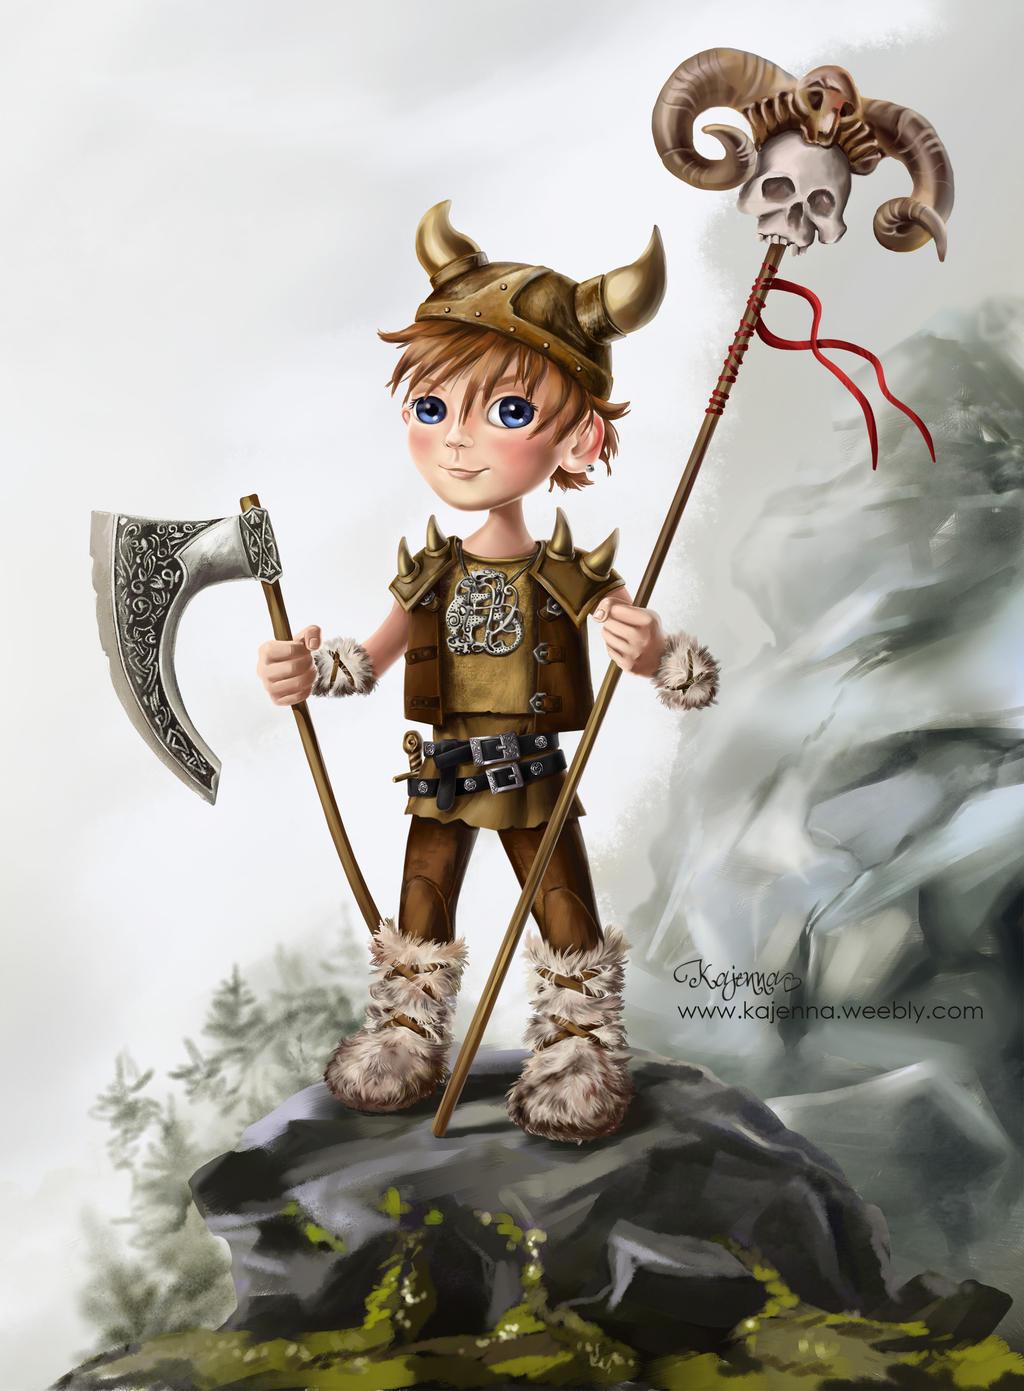 Viking by Kajenna